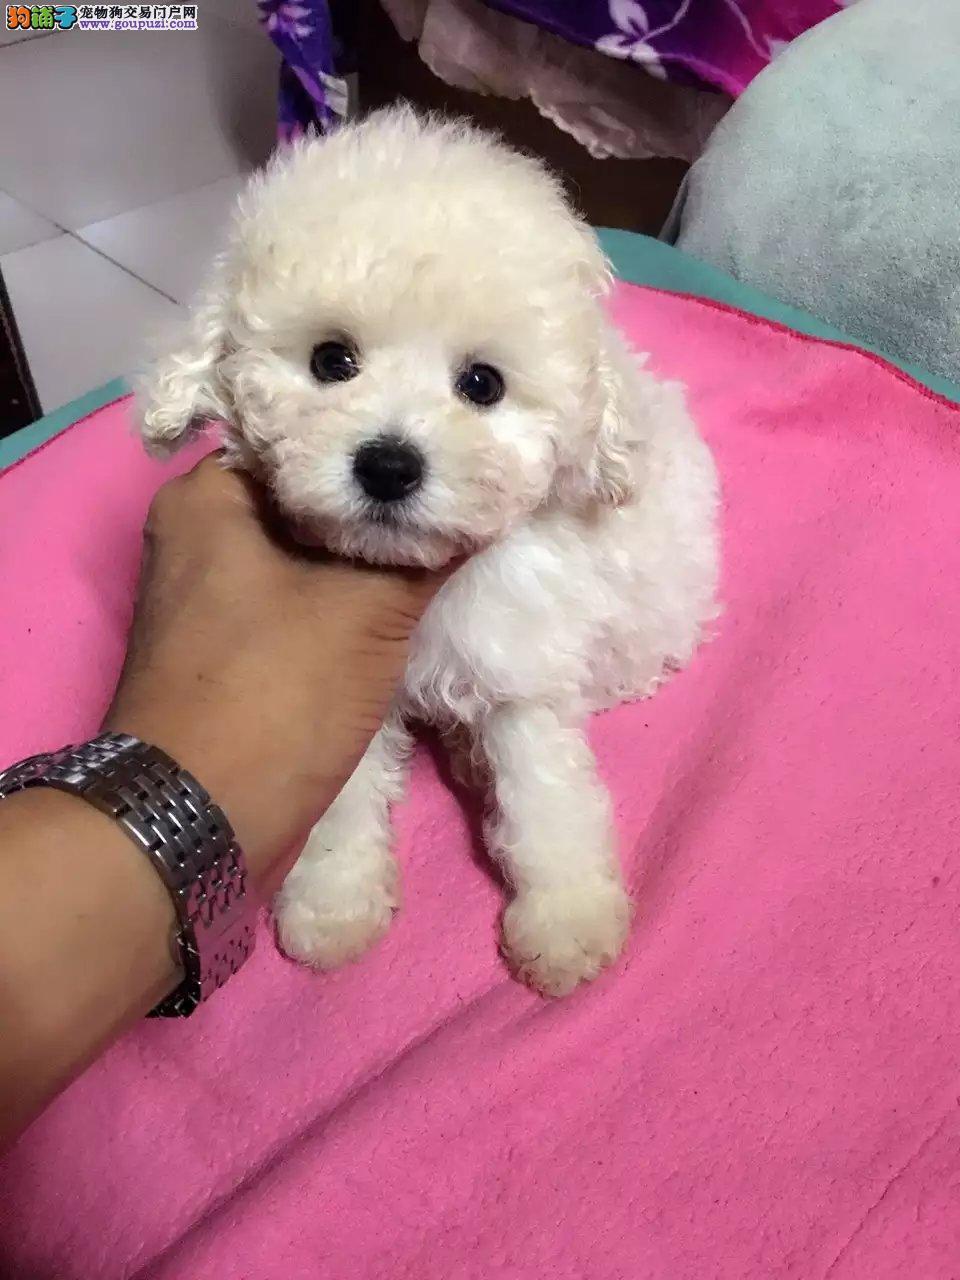 北京纯种韩系泰迪熊茶杯犬玩具犬可爱至极购买签订协议3